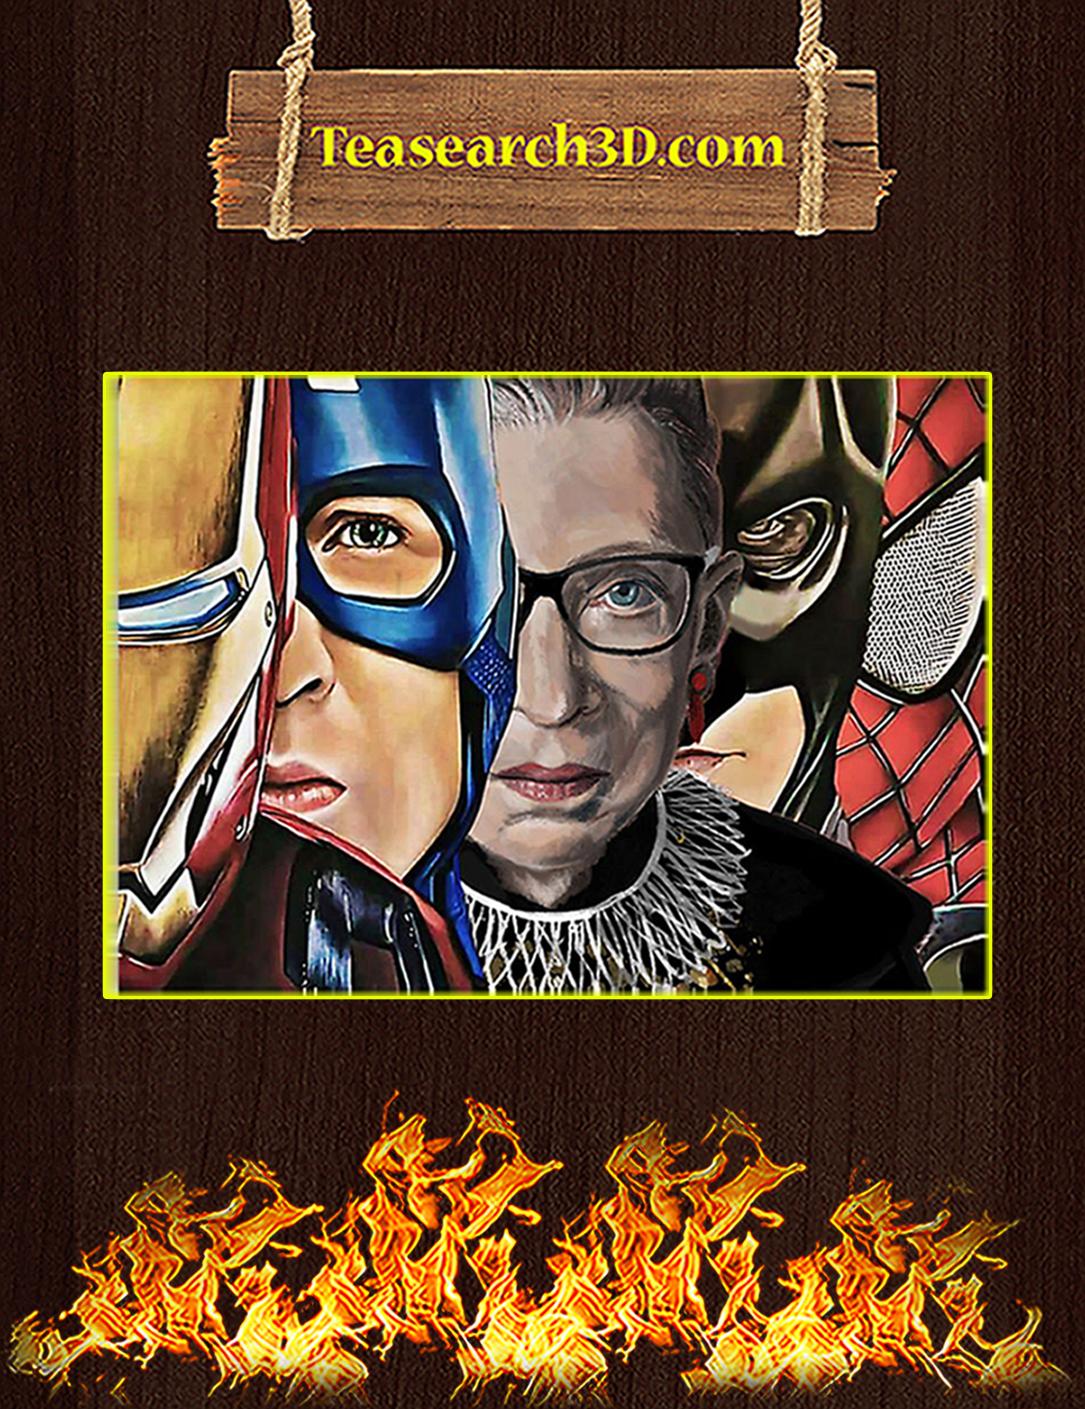 Ruth bader ginsburg superheroes poster A2